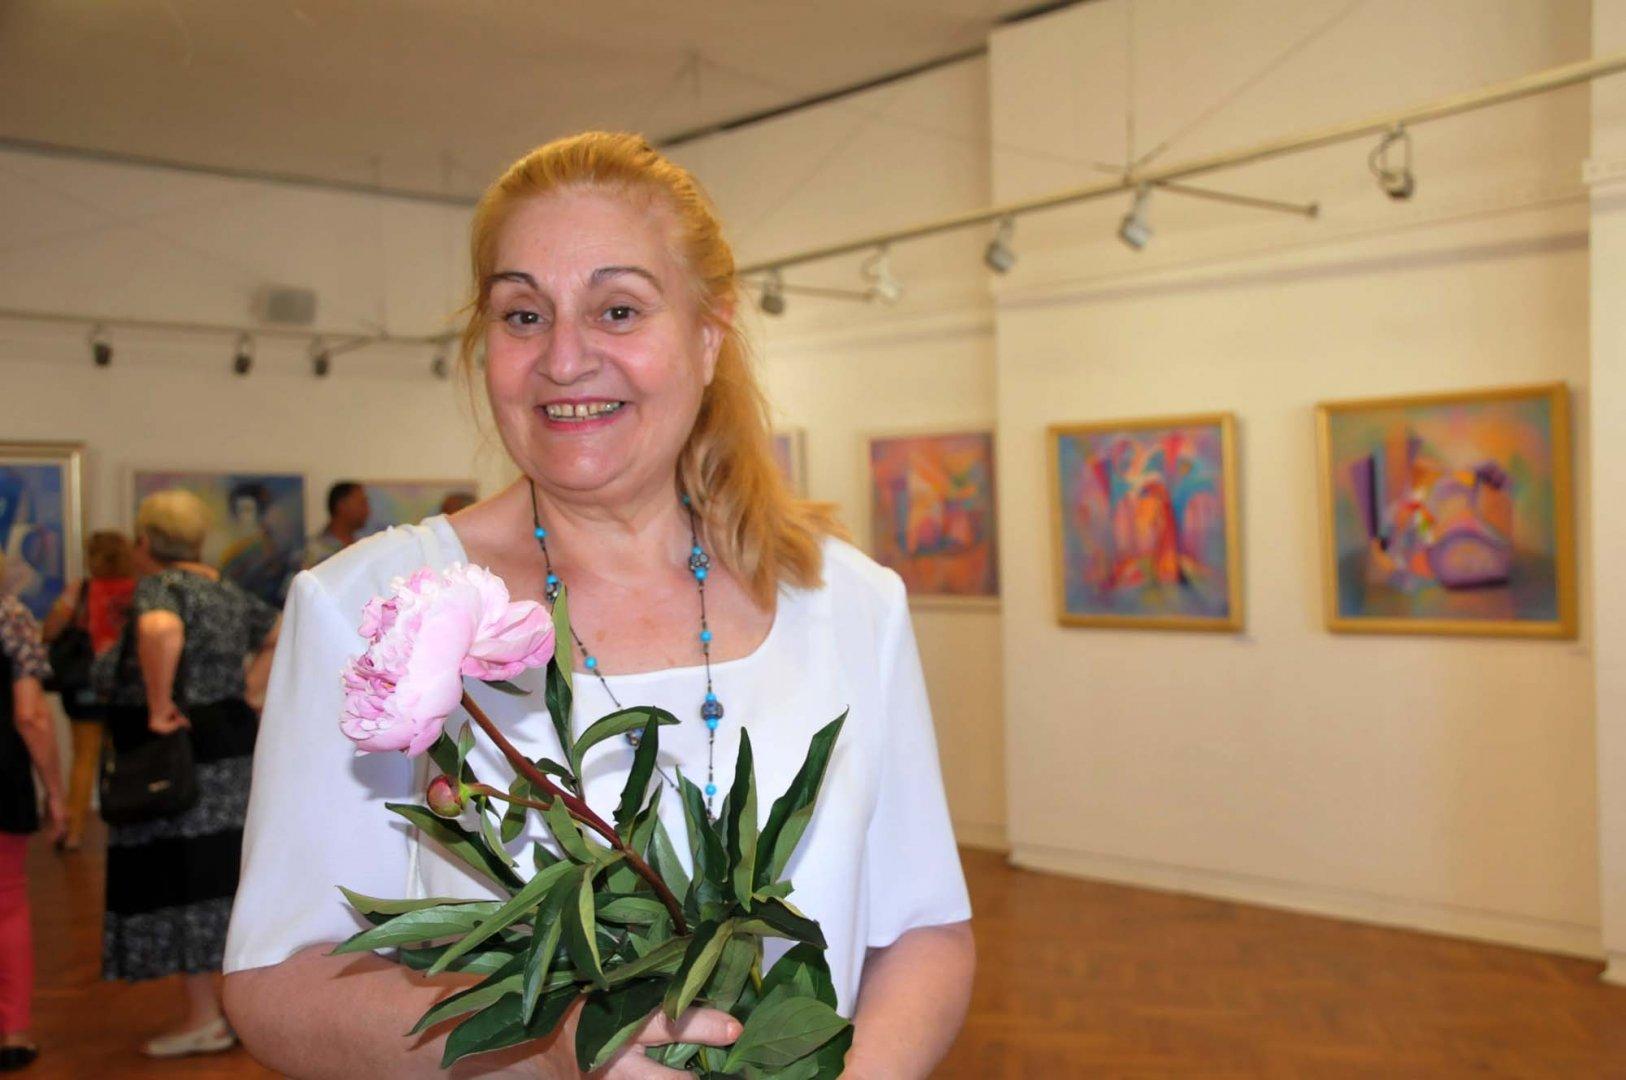 Анета Краева празнува рожден ден с живописна изложба. Снимки Лина Главинова